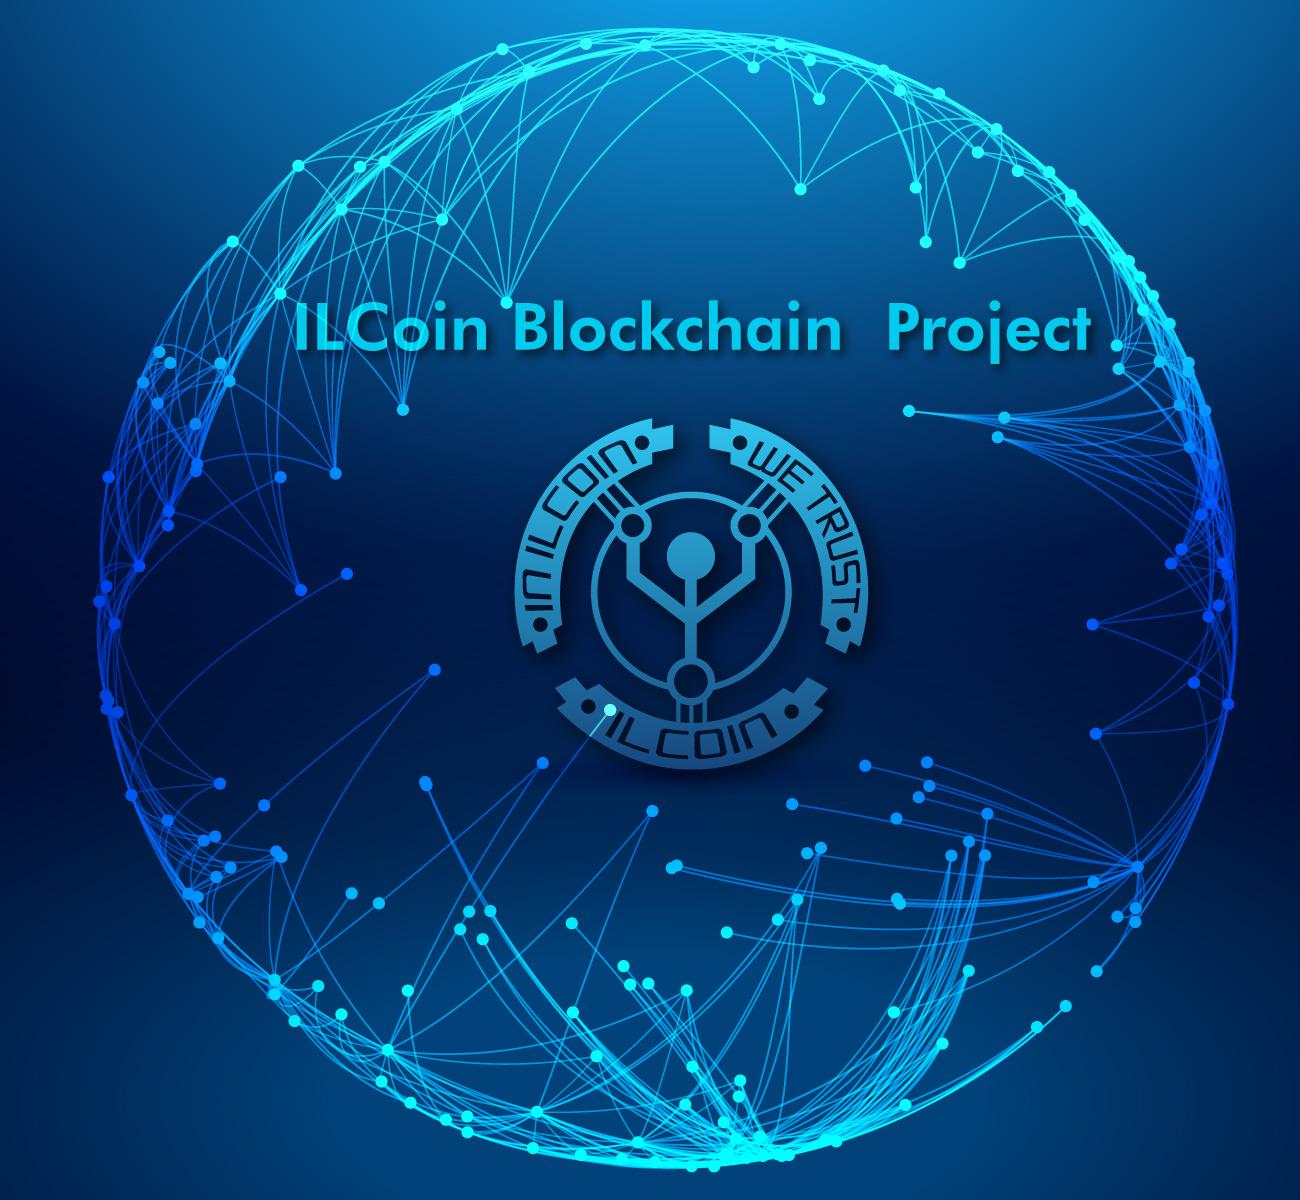 RIFTプロトコル:ILCoinの新しい開発が、スケーラビリティ問題に終止符を打つ